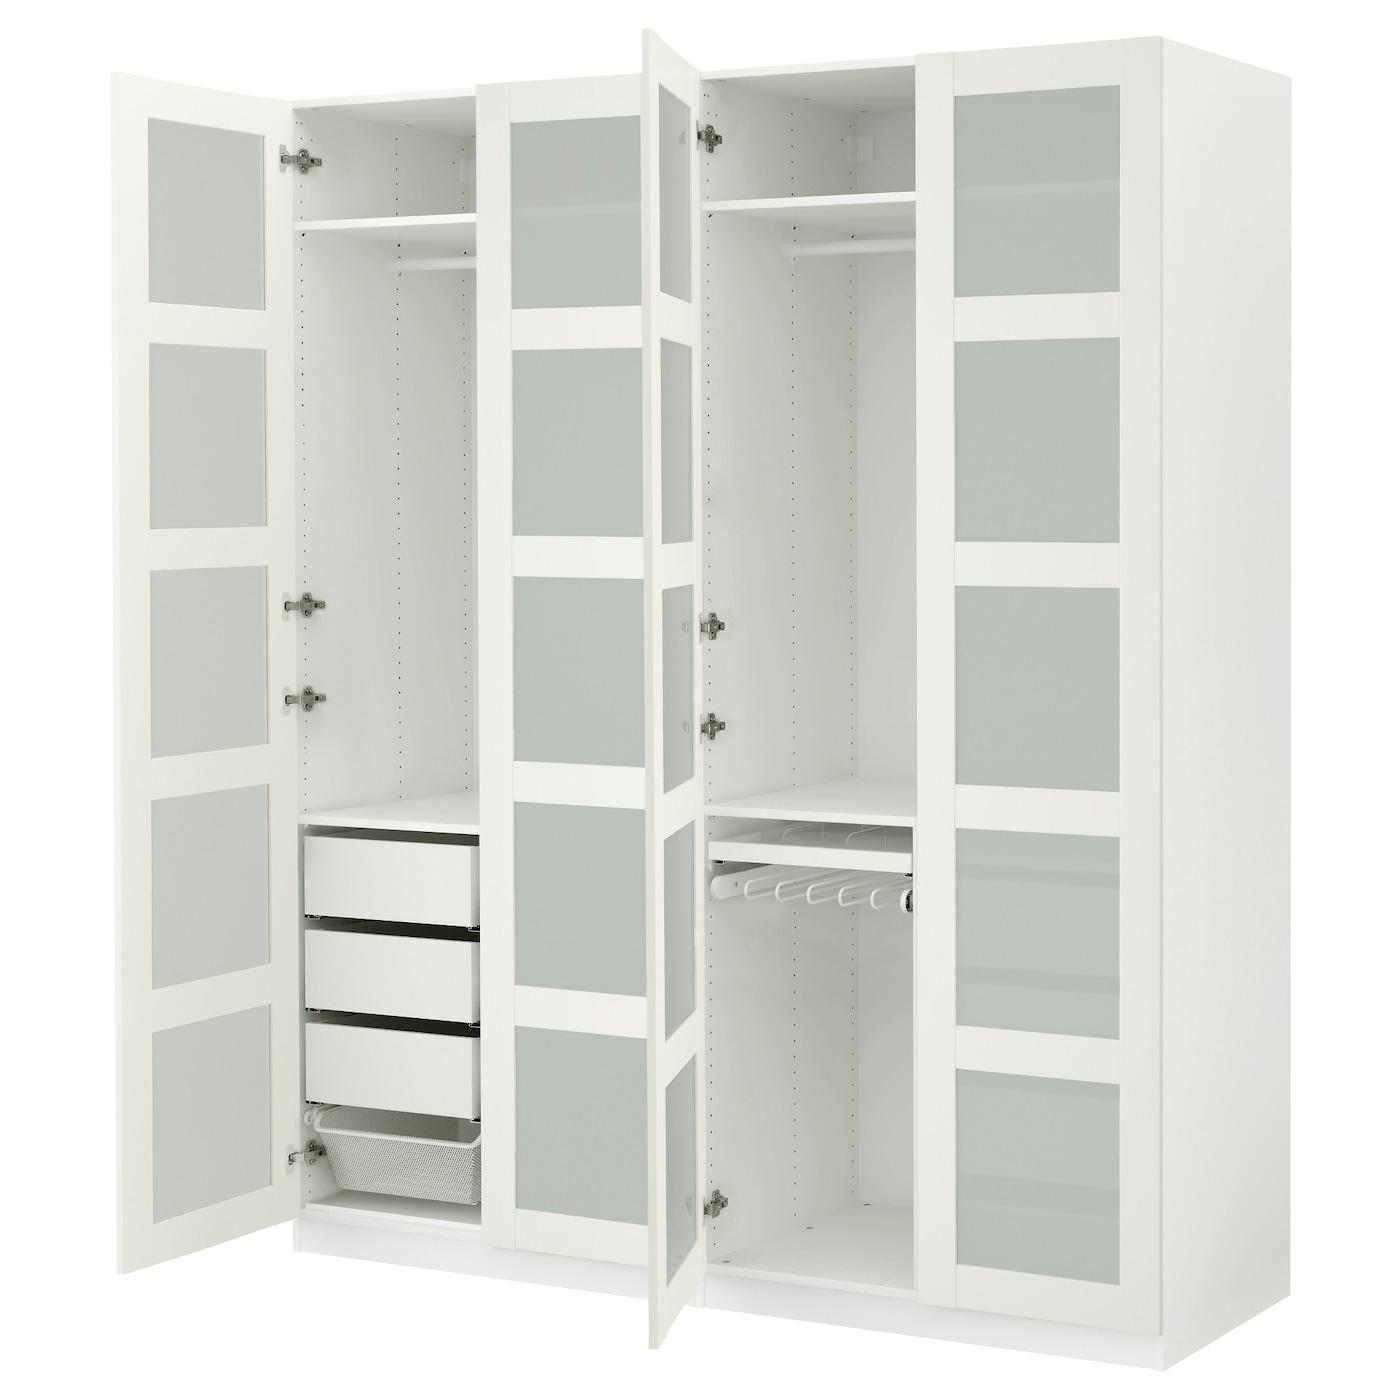 Pax wardrobes design your own wardrobe at ikea - Armoire ikea porte coulissante miroir ...